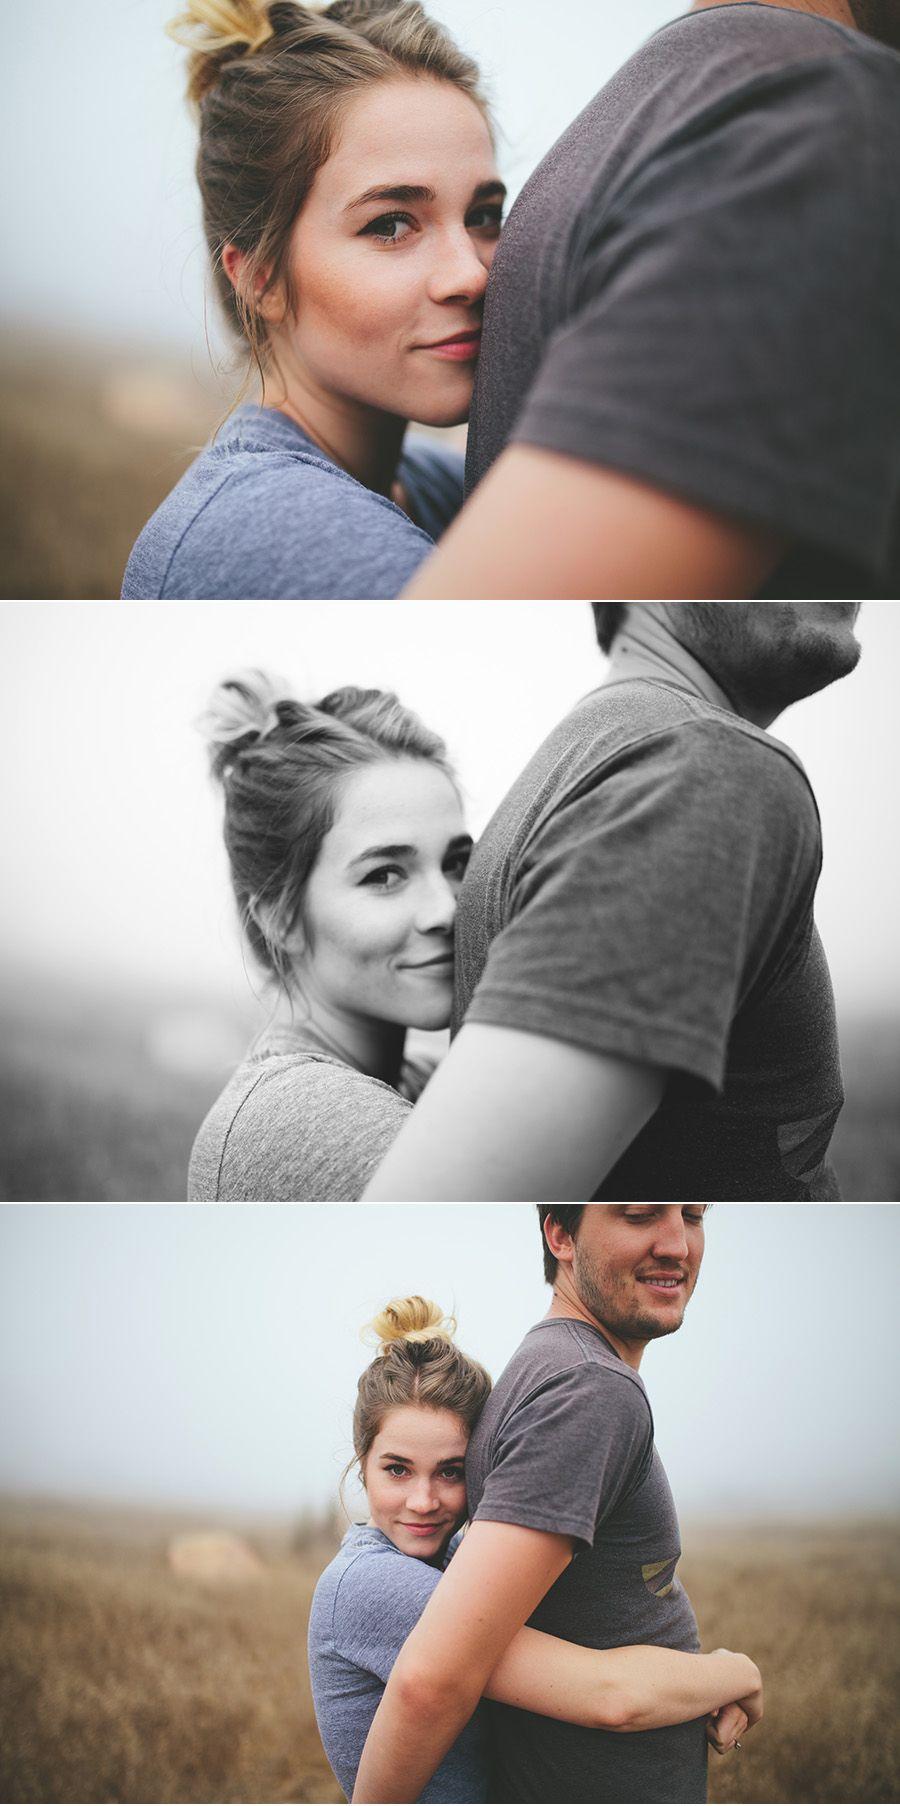 A foggy Malibu Hike | Couple photography, Photography ...